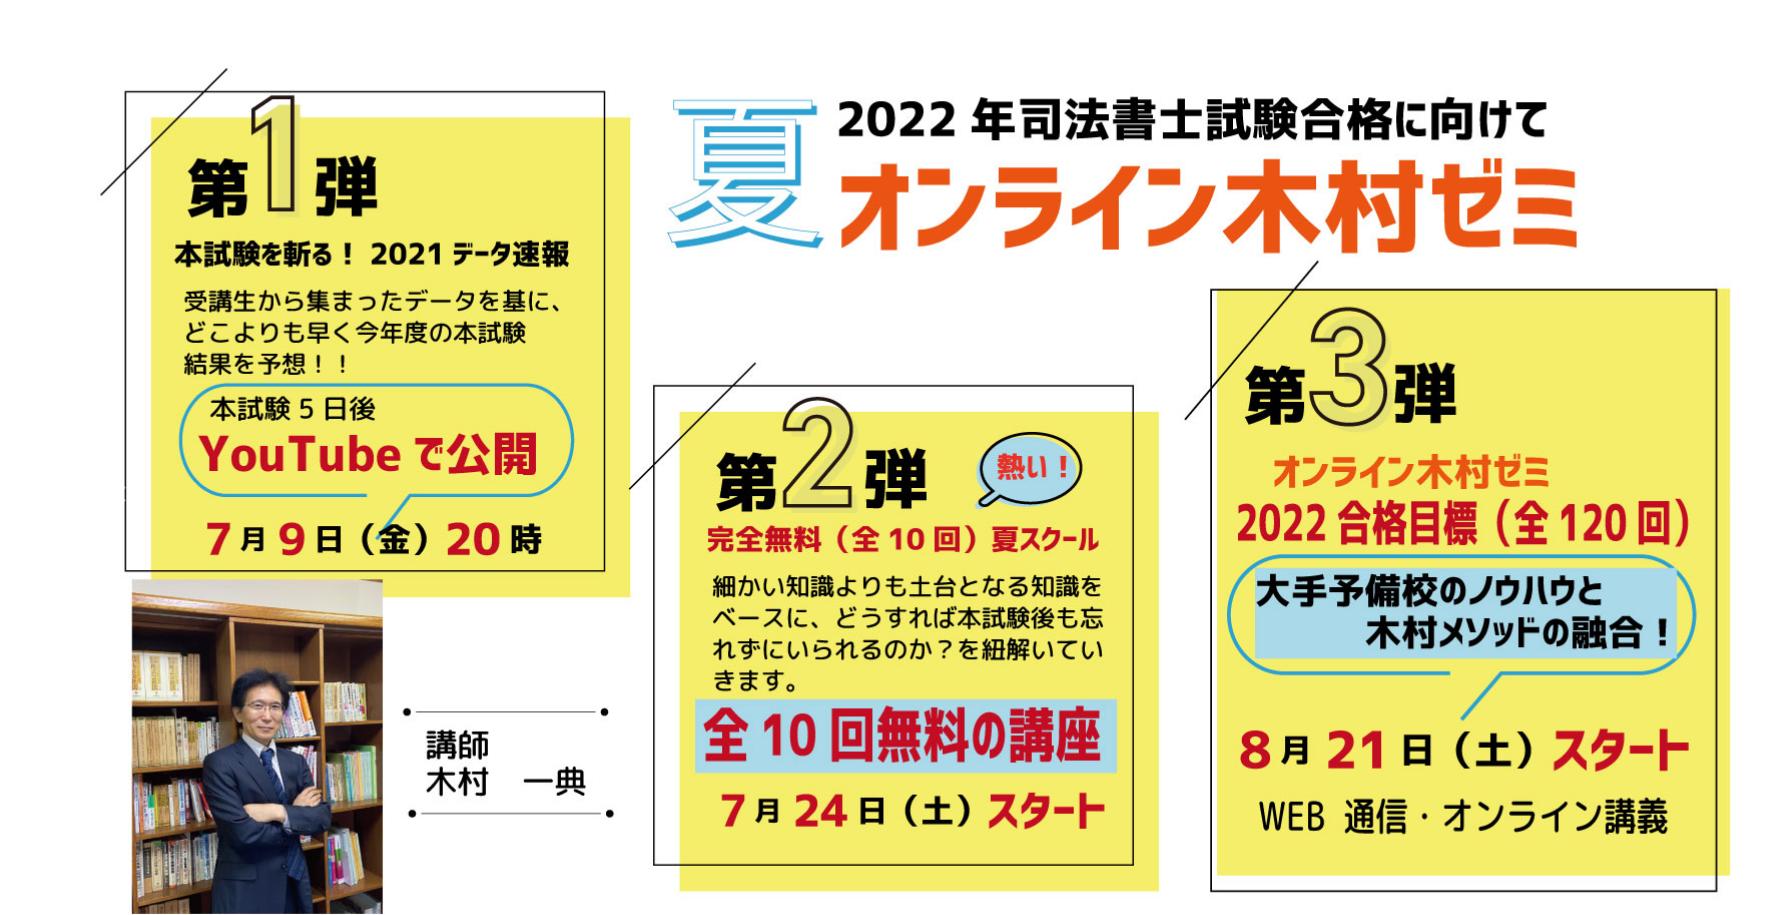 司法書士試験講座 オンライン木村ゼミ様 Webサイトを公開しました